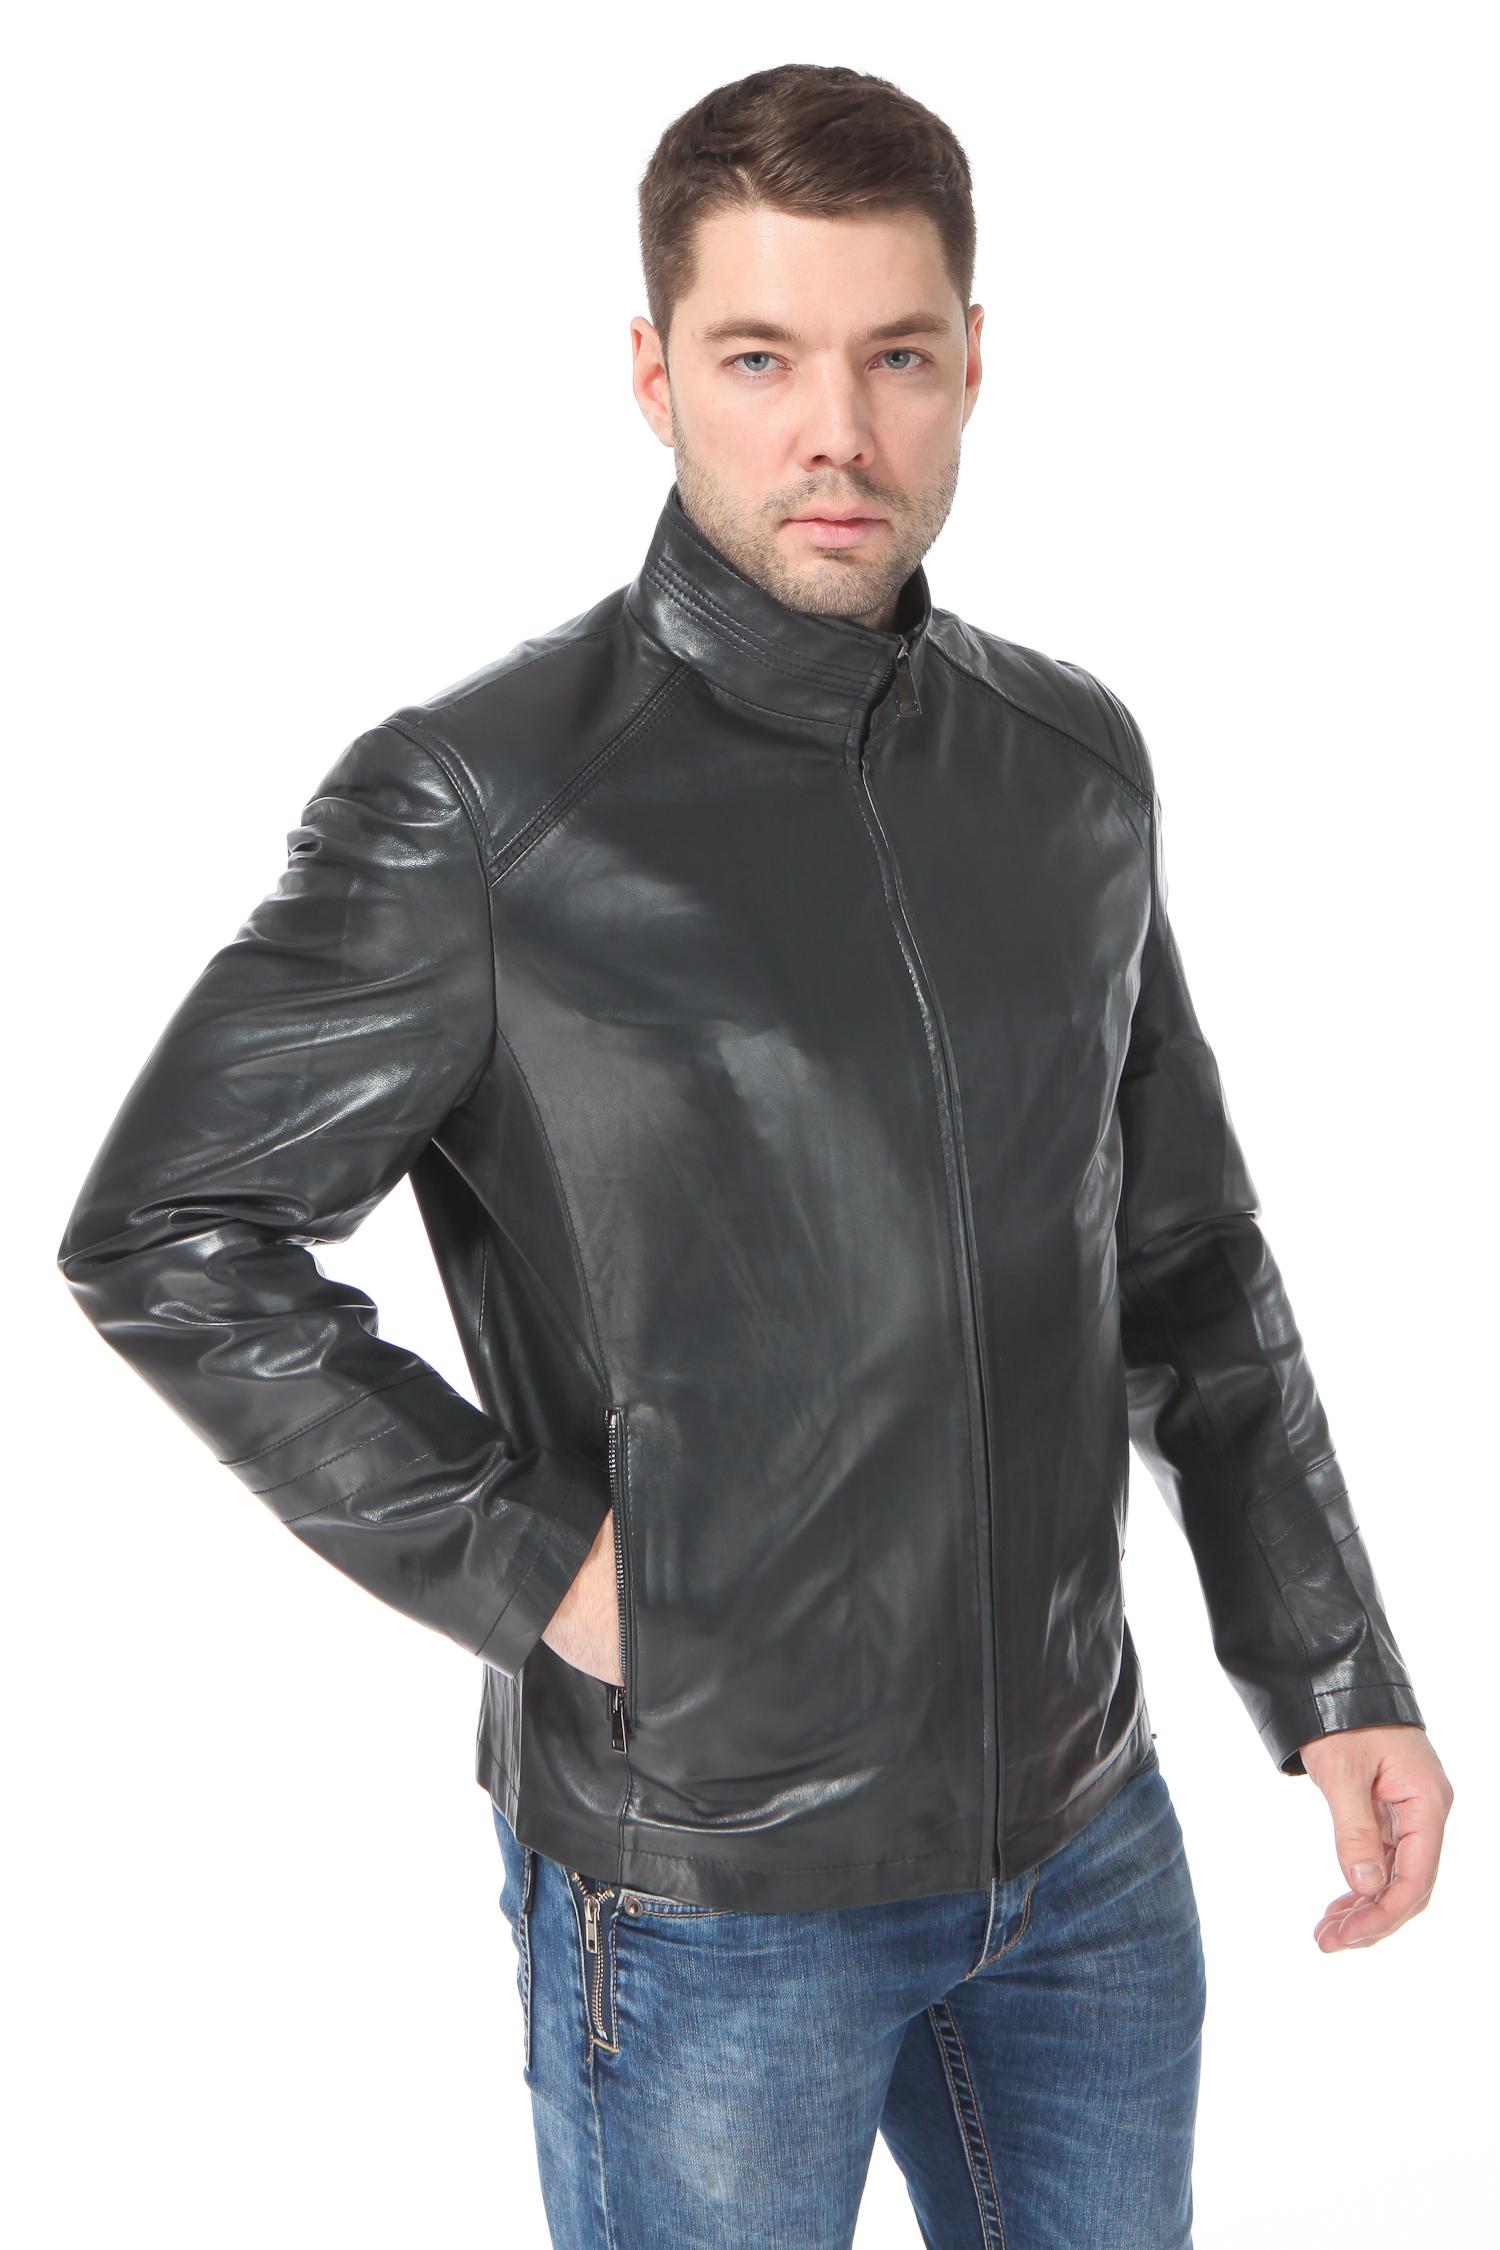 Мужская кожаная куртка из натуральной кожи<br><br>Воротник: стойка<br>Длина см: Короткая (51-74 )<br>Материал: Кожа овчина<br>Цвет: серый<br>Вид застежки: центральная<br>Застежка: на молнии<br>Пол: Мужской<br>Размер RU: 56